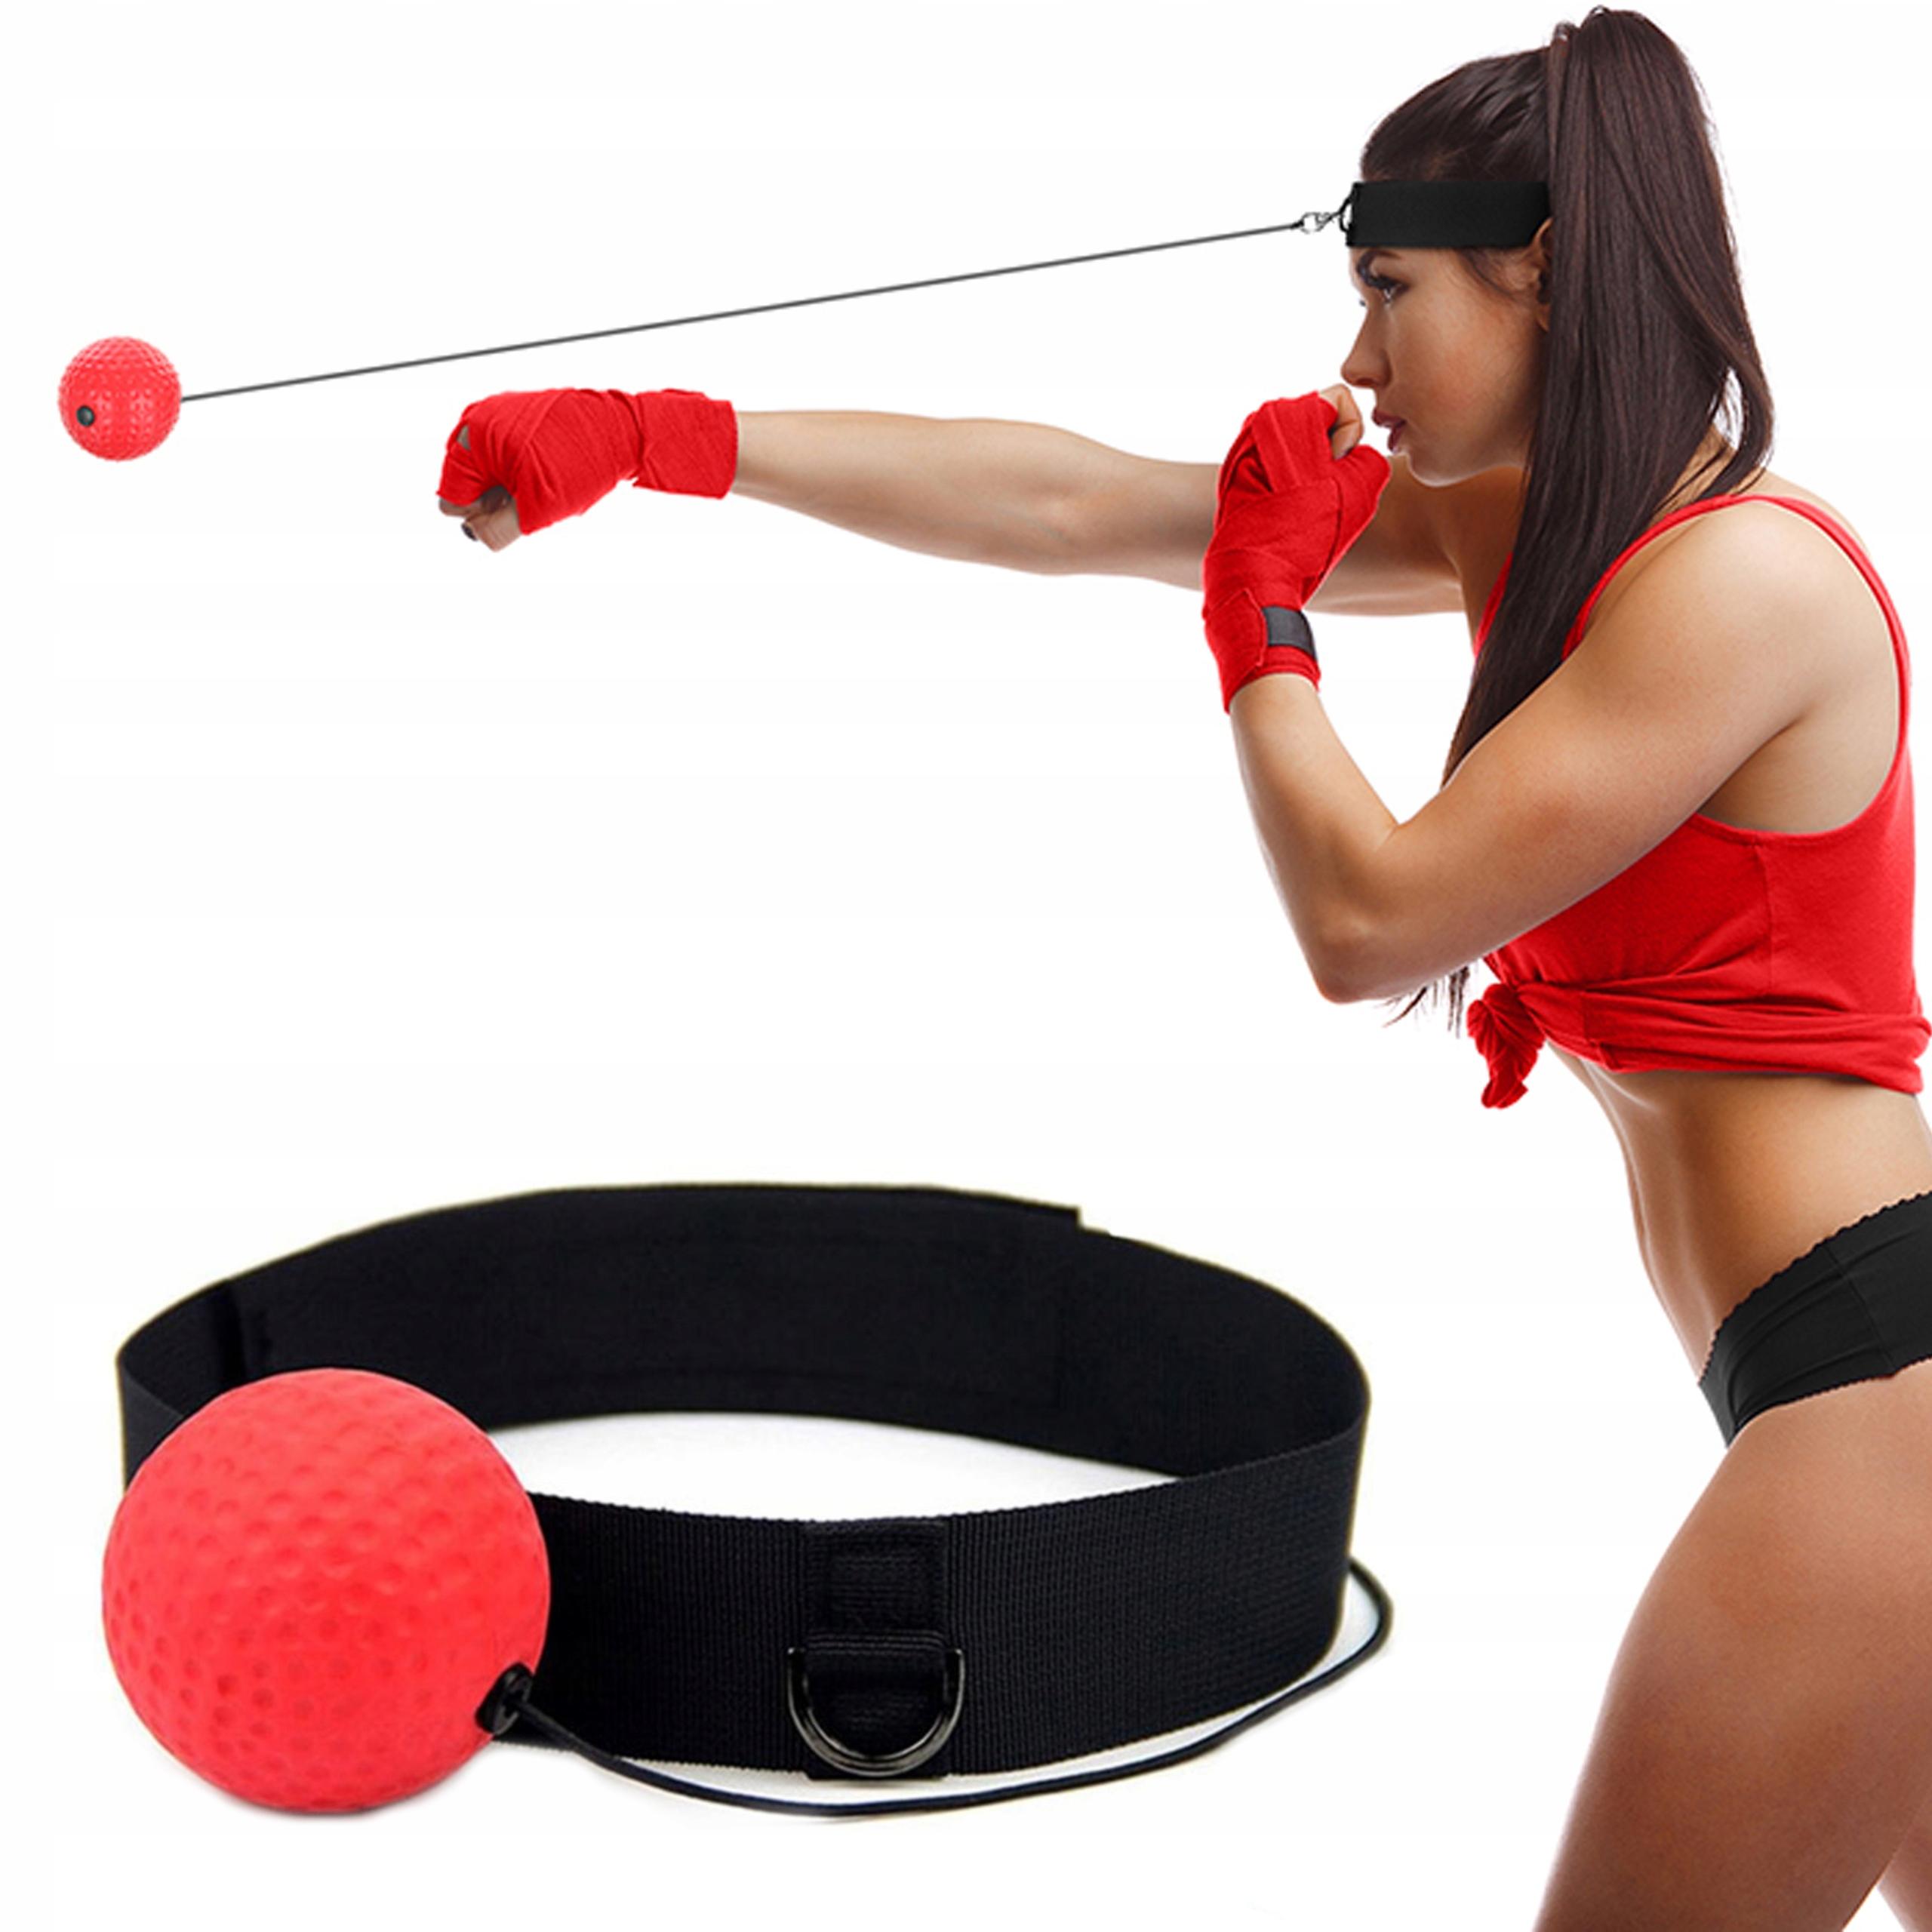 Рефлекторный бокс для упражнений с мячом